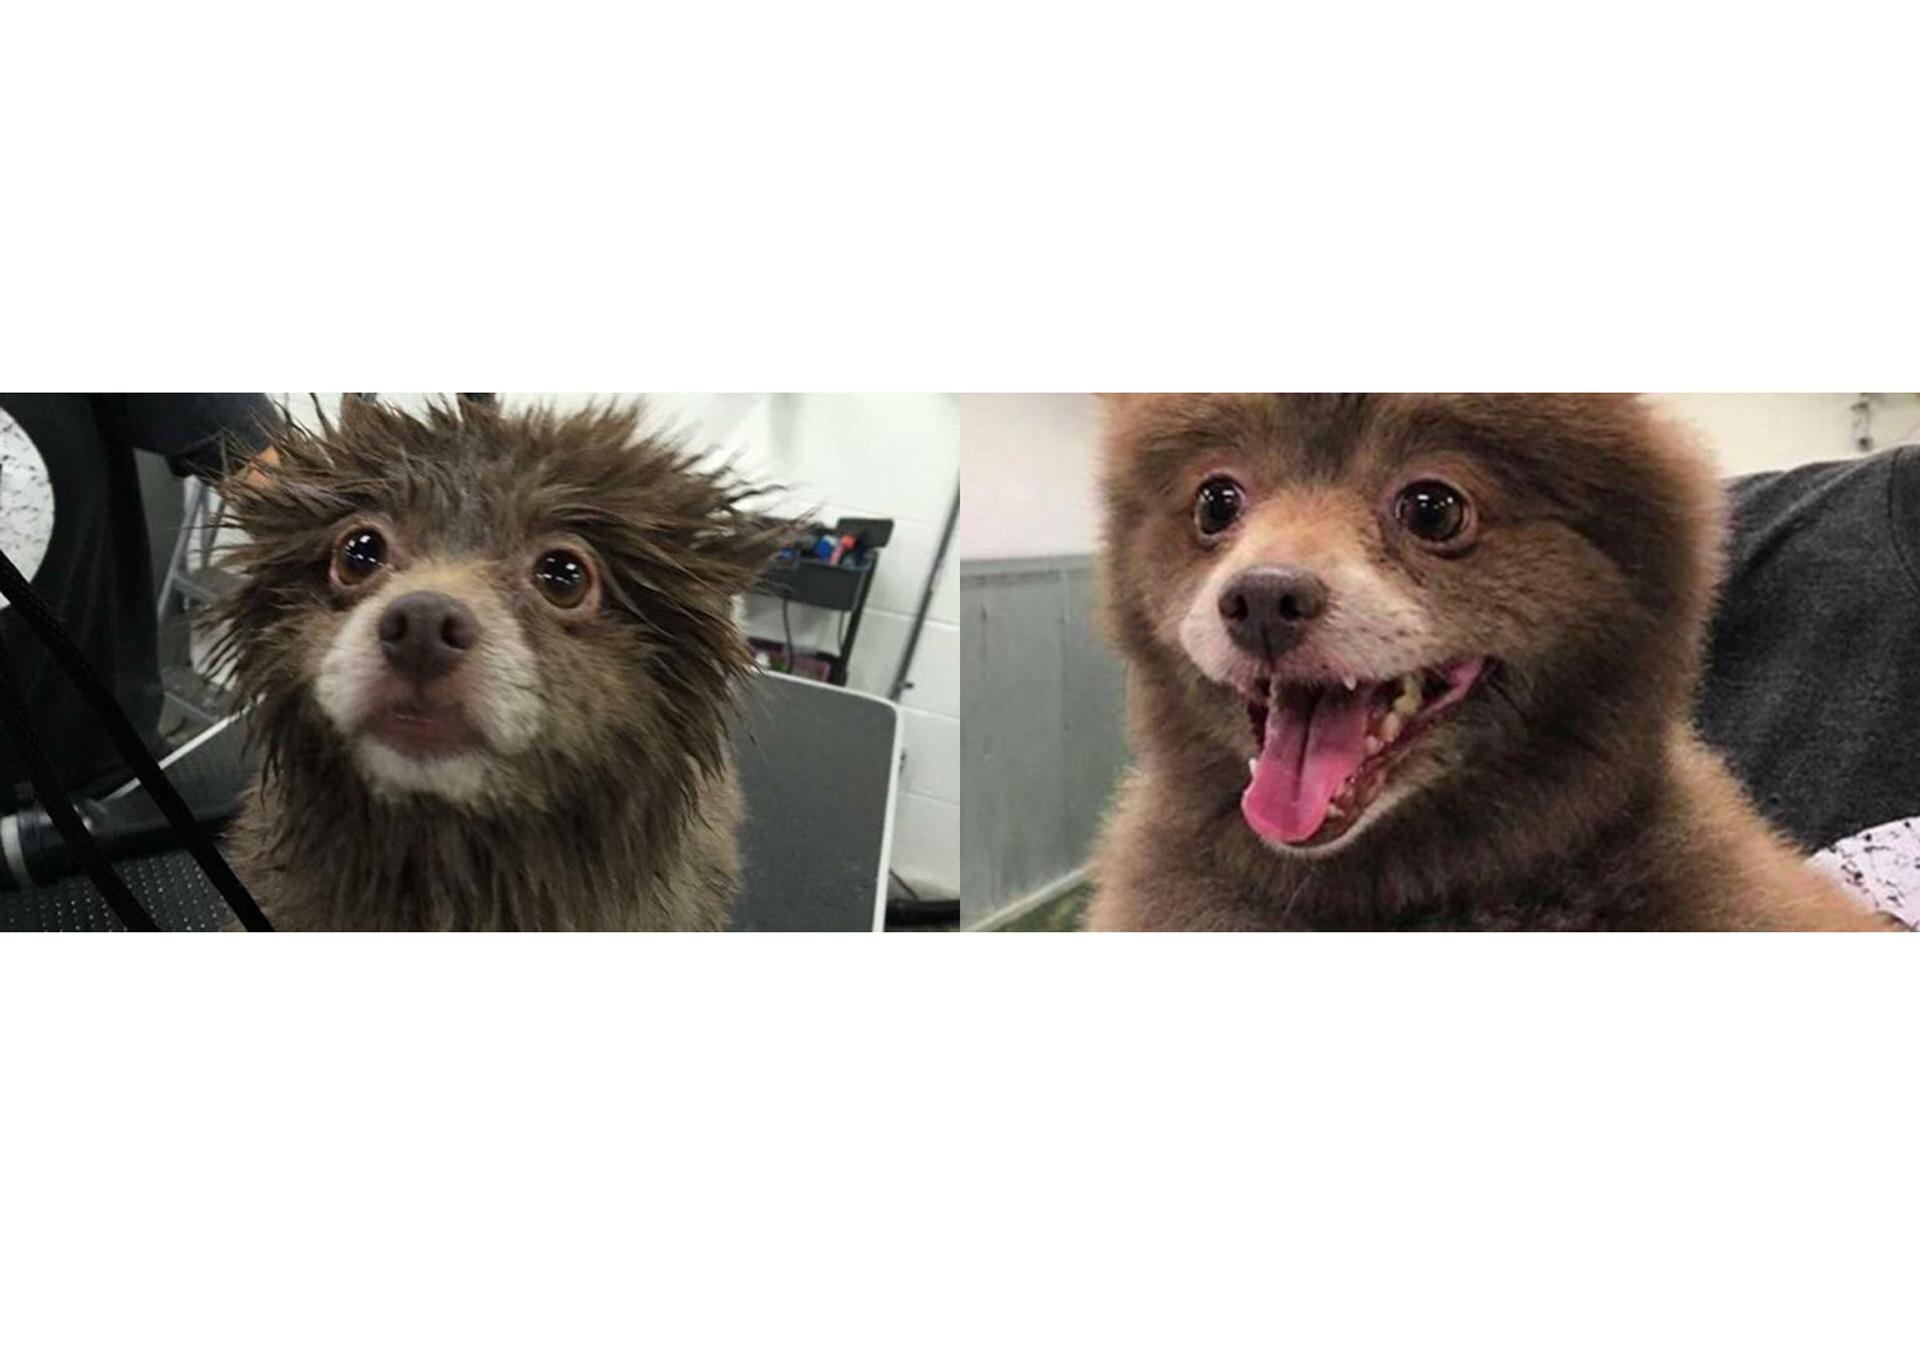 Bounce mantuvo un gran debate en las redes sociales y confundió a muchos internautas que se preguntaban: ¿es un perro o un oso?